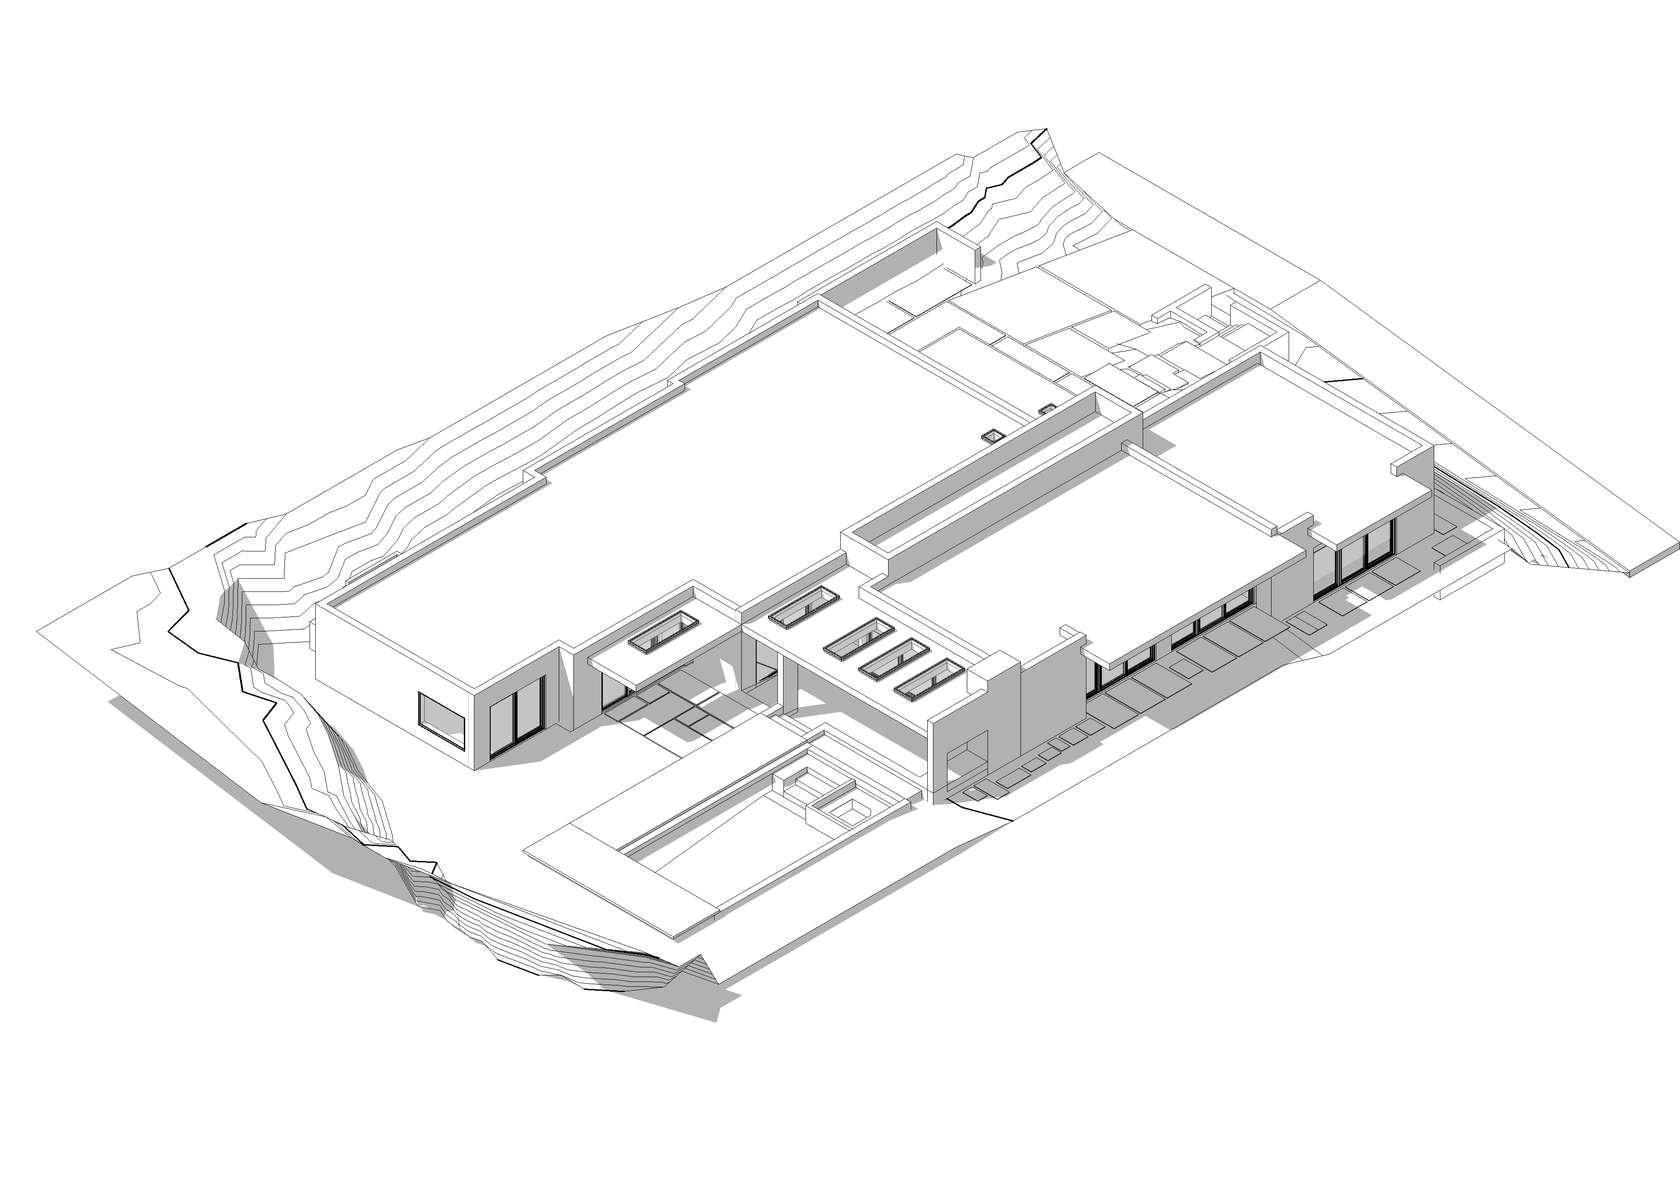 ronald frink architects